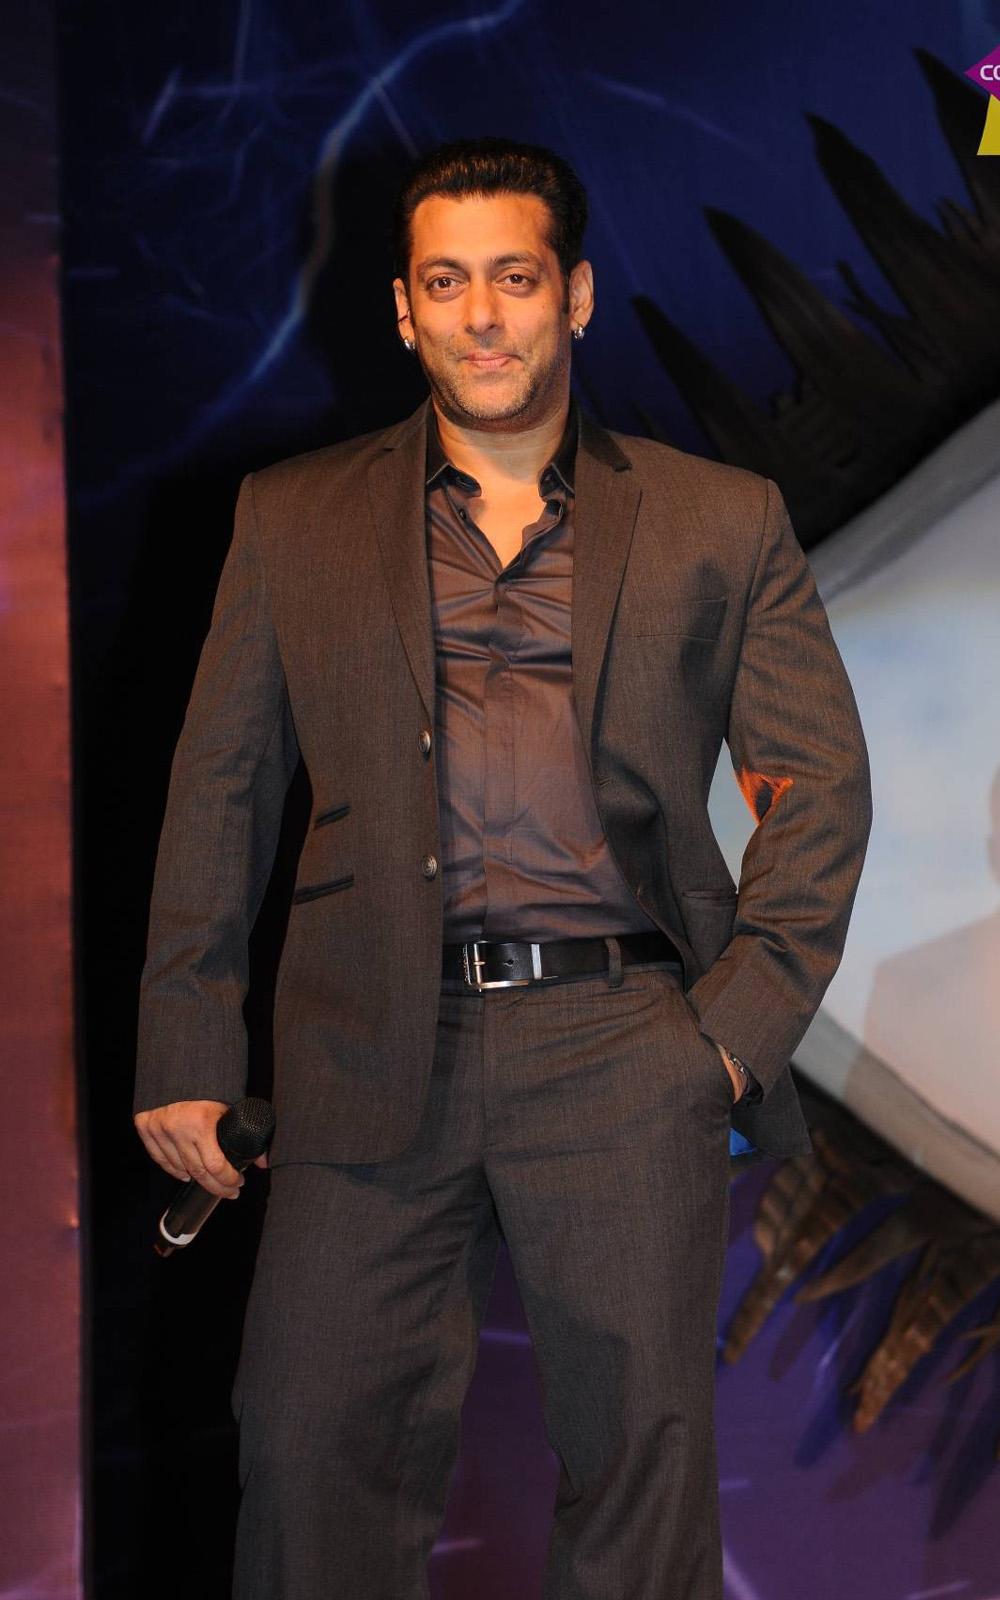 Salman Khan Top HD Wallpapers 1080p Free Download At HdwalleSalman 1000x1600 Hdwalle